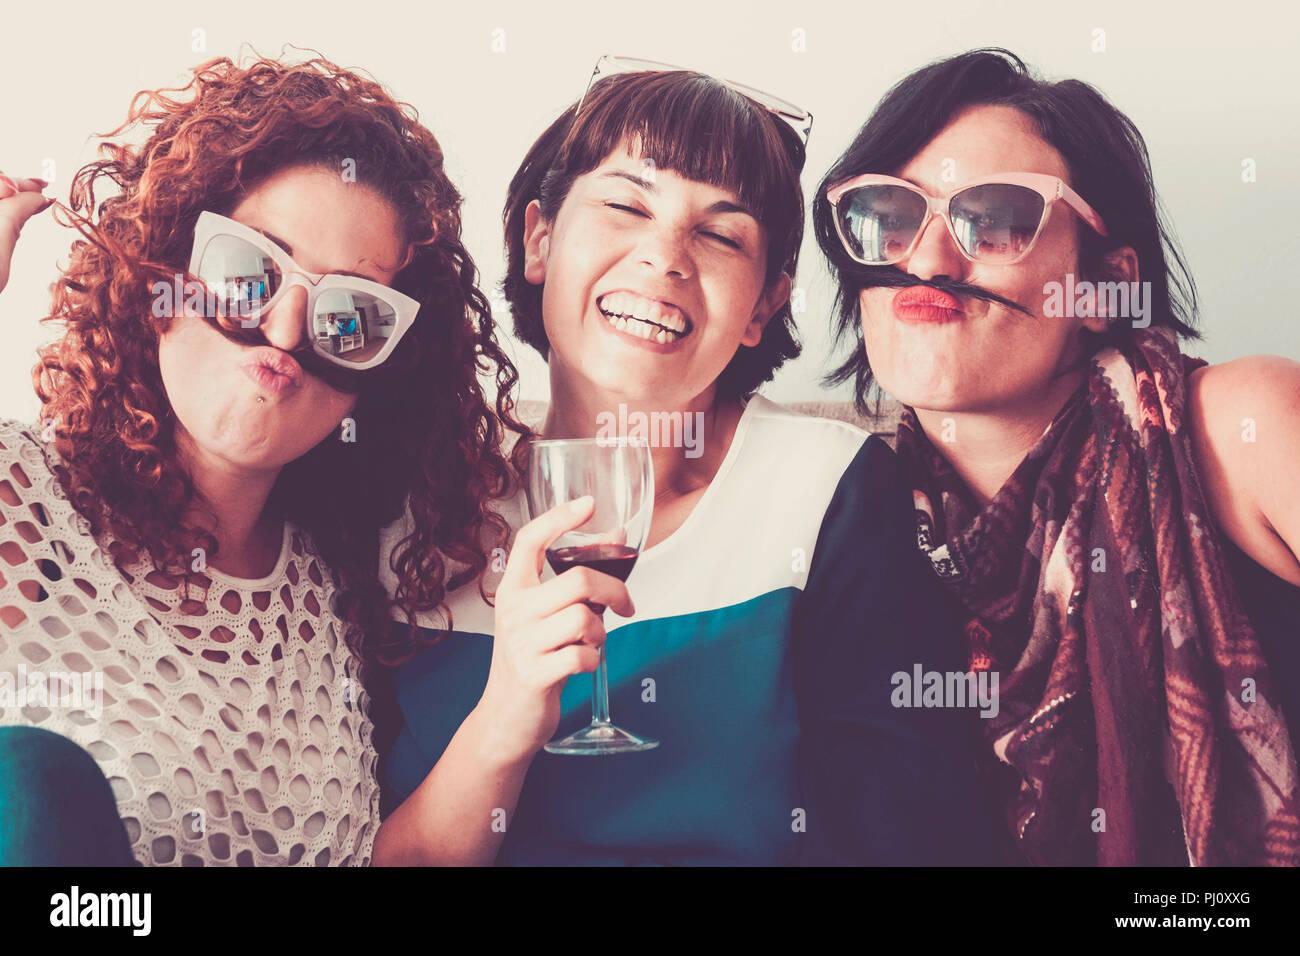 Trois filles de race blanche les amis de rester ensemble dans l'amitié et la folie en utilisant des cheveux comme moustache et bonheur. concept de relation c intégral vintage Photo Stock